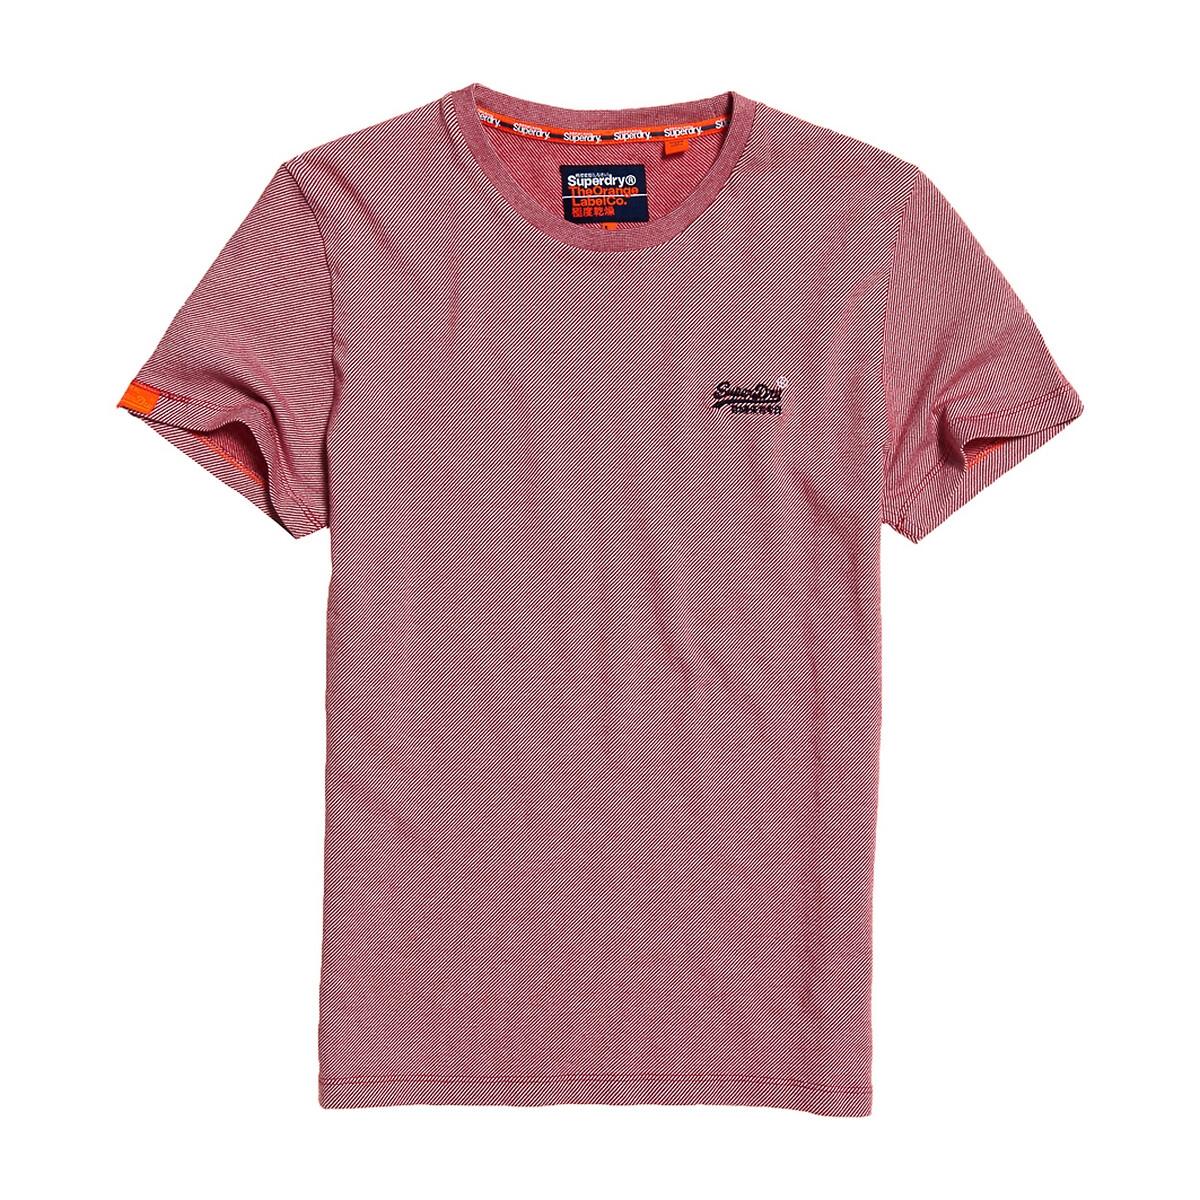 T-shirt Orange Label Vintage